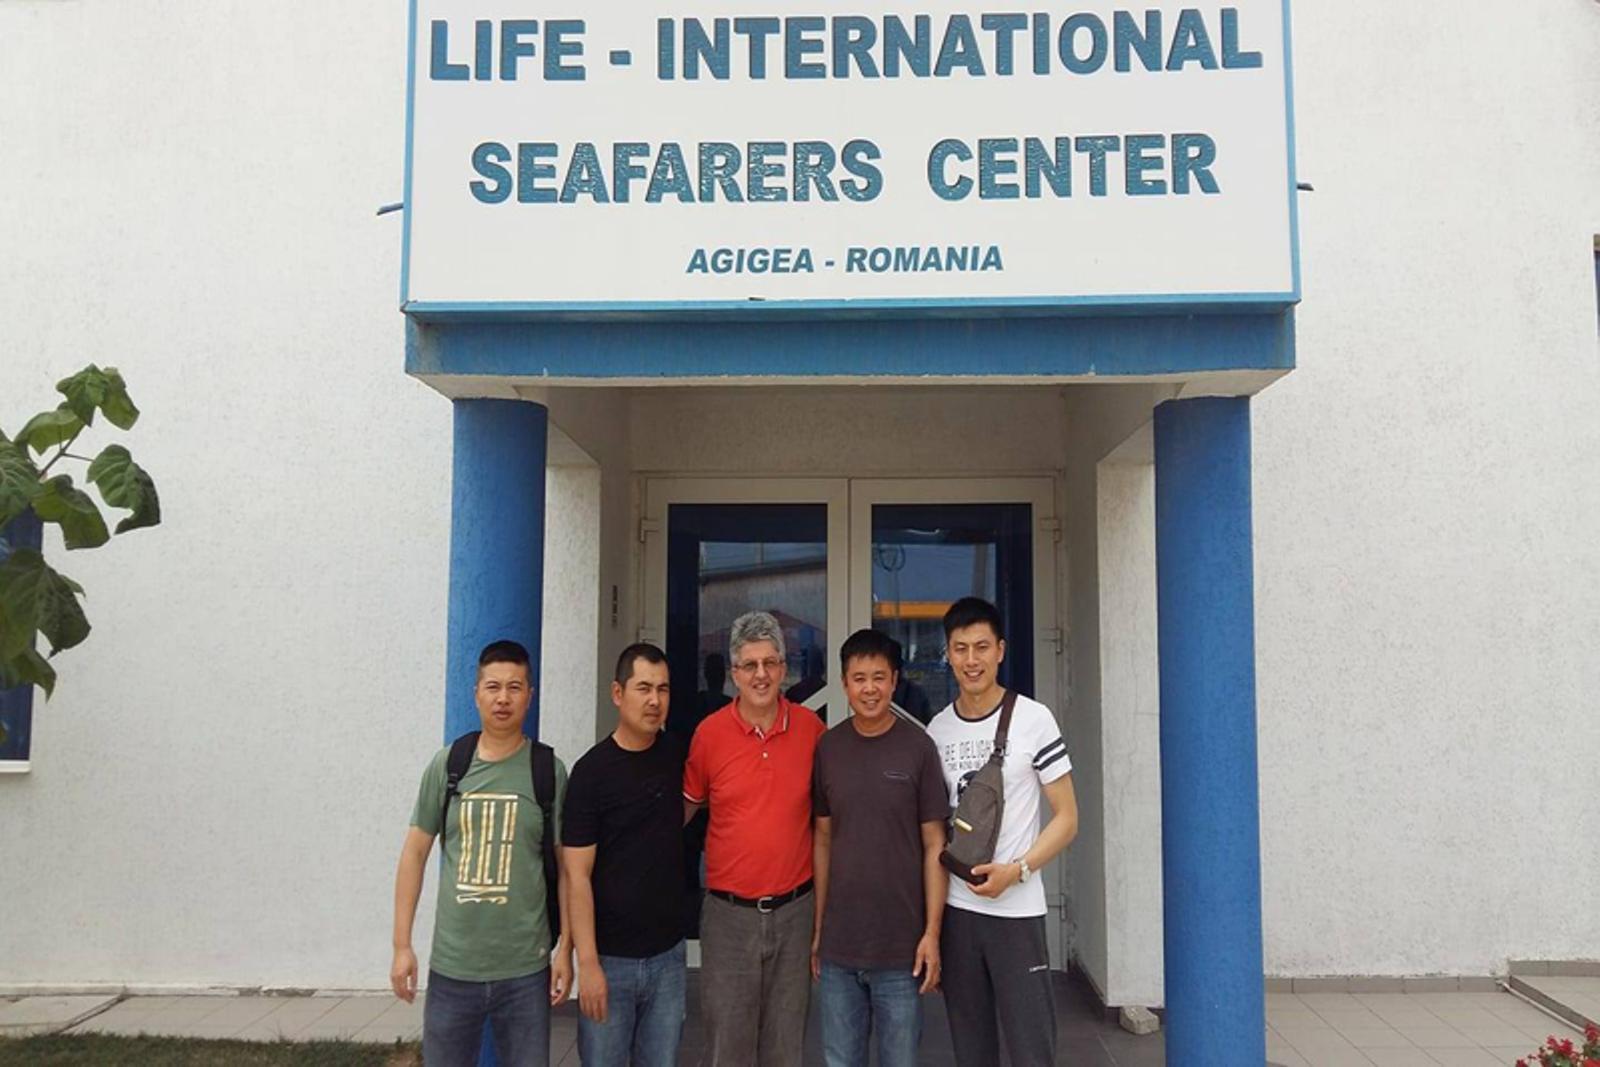 Seafarers' Center Agigea